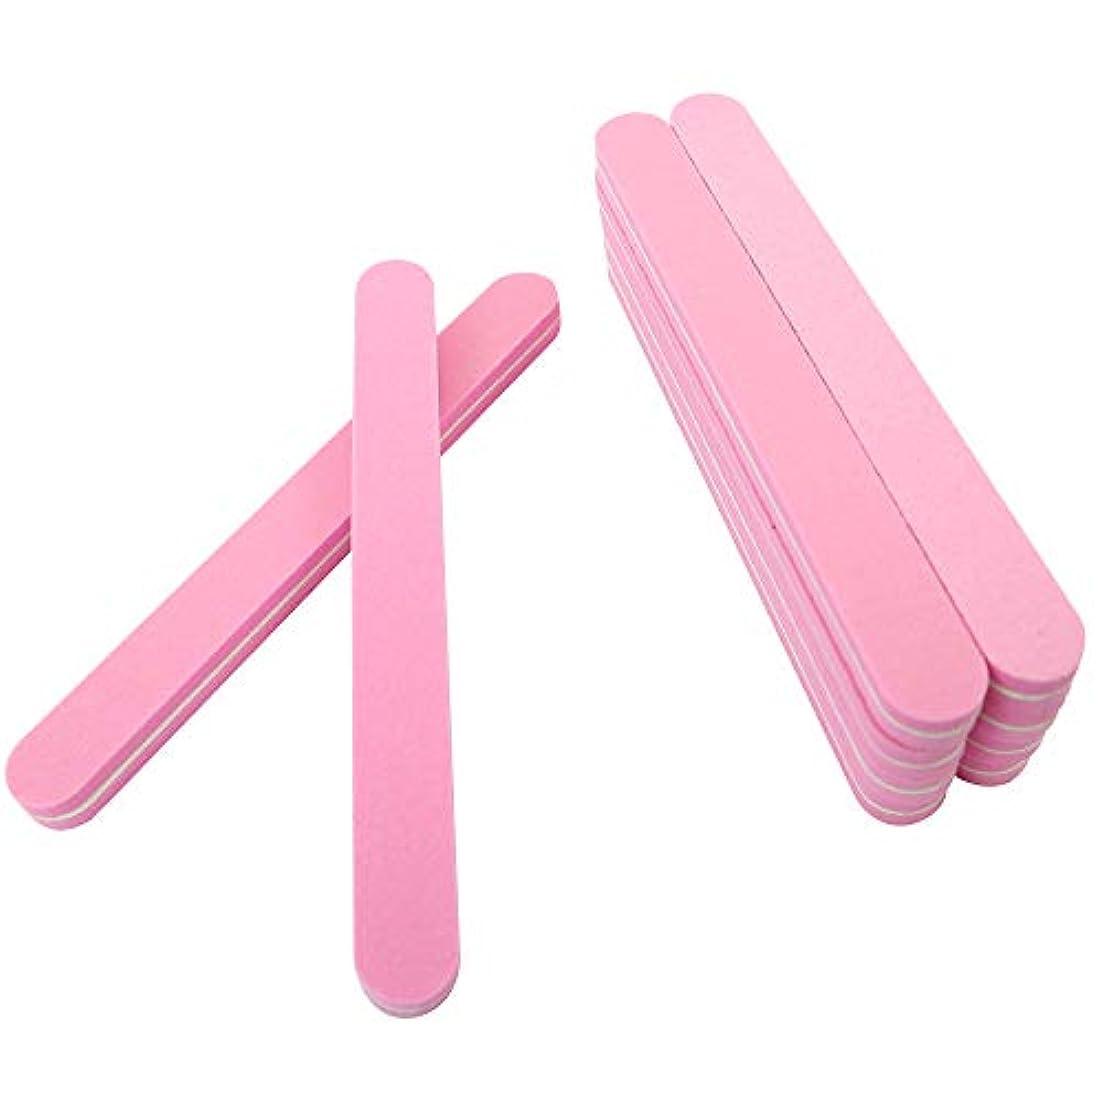 どちらかマウンド摂動SIEG つめピカ 爪やすり 爪先美人をめざす2ステップ磨きのネイルシャイナー 10本セット